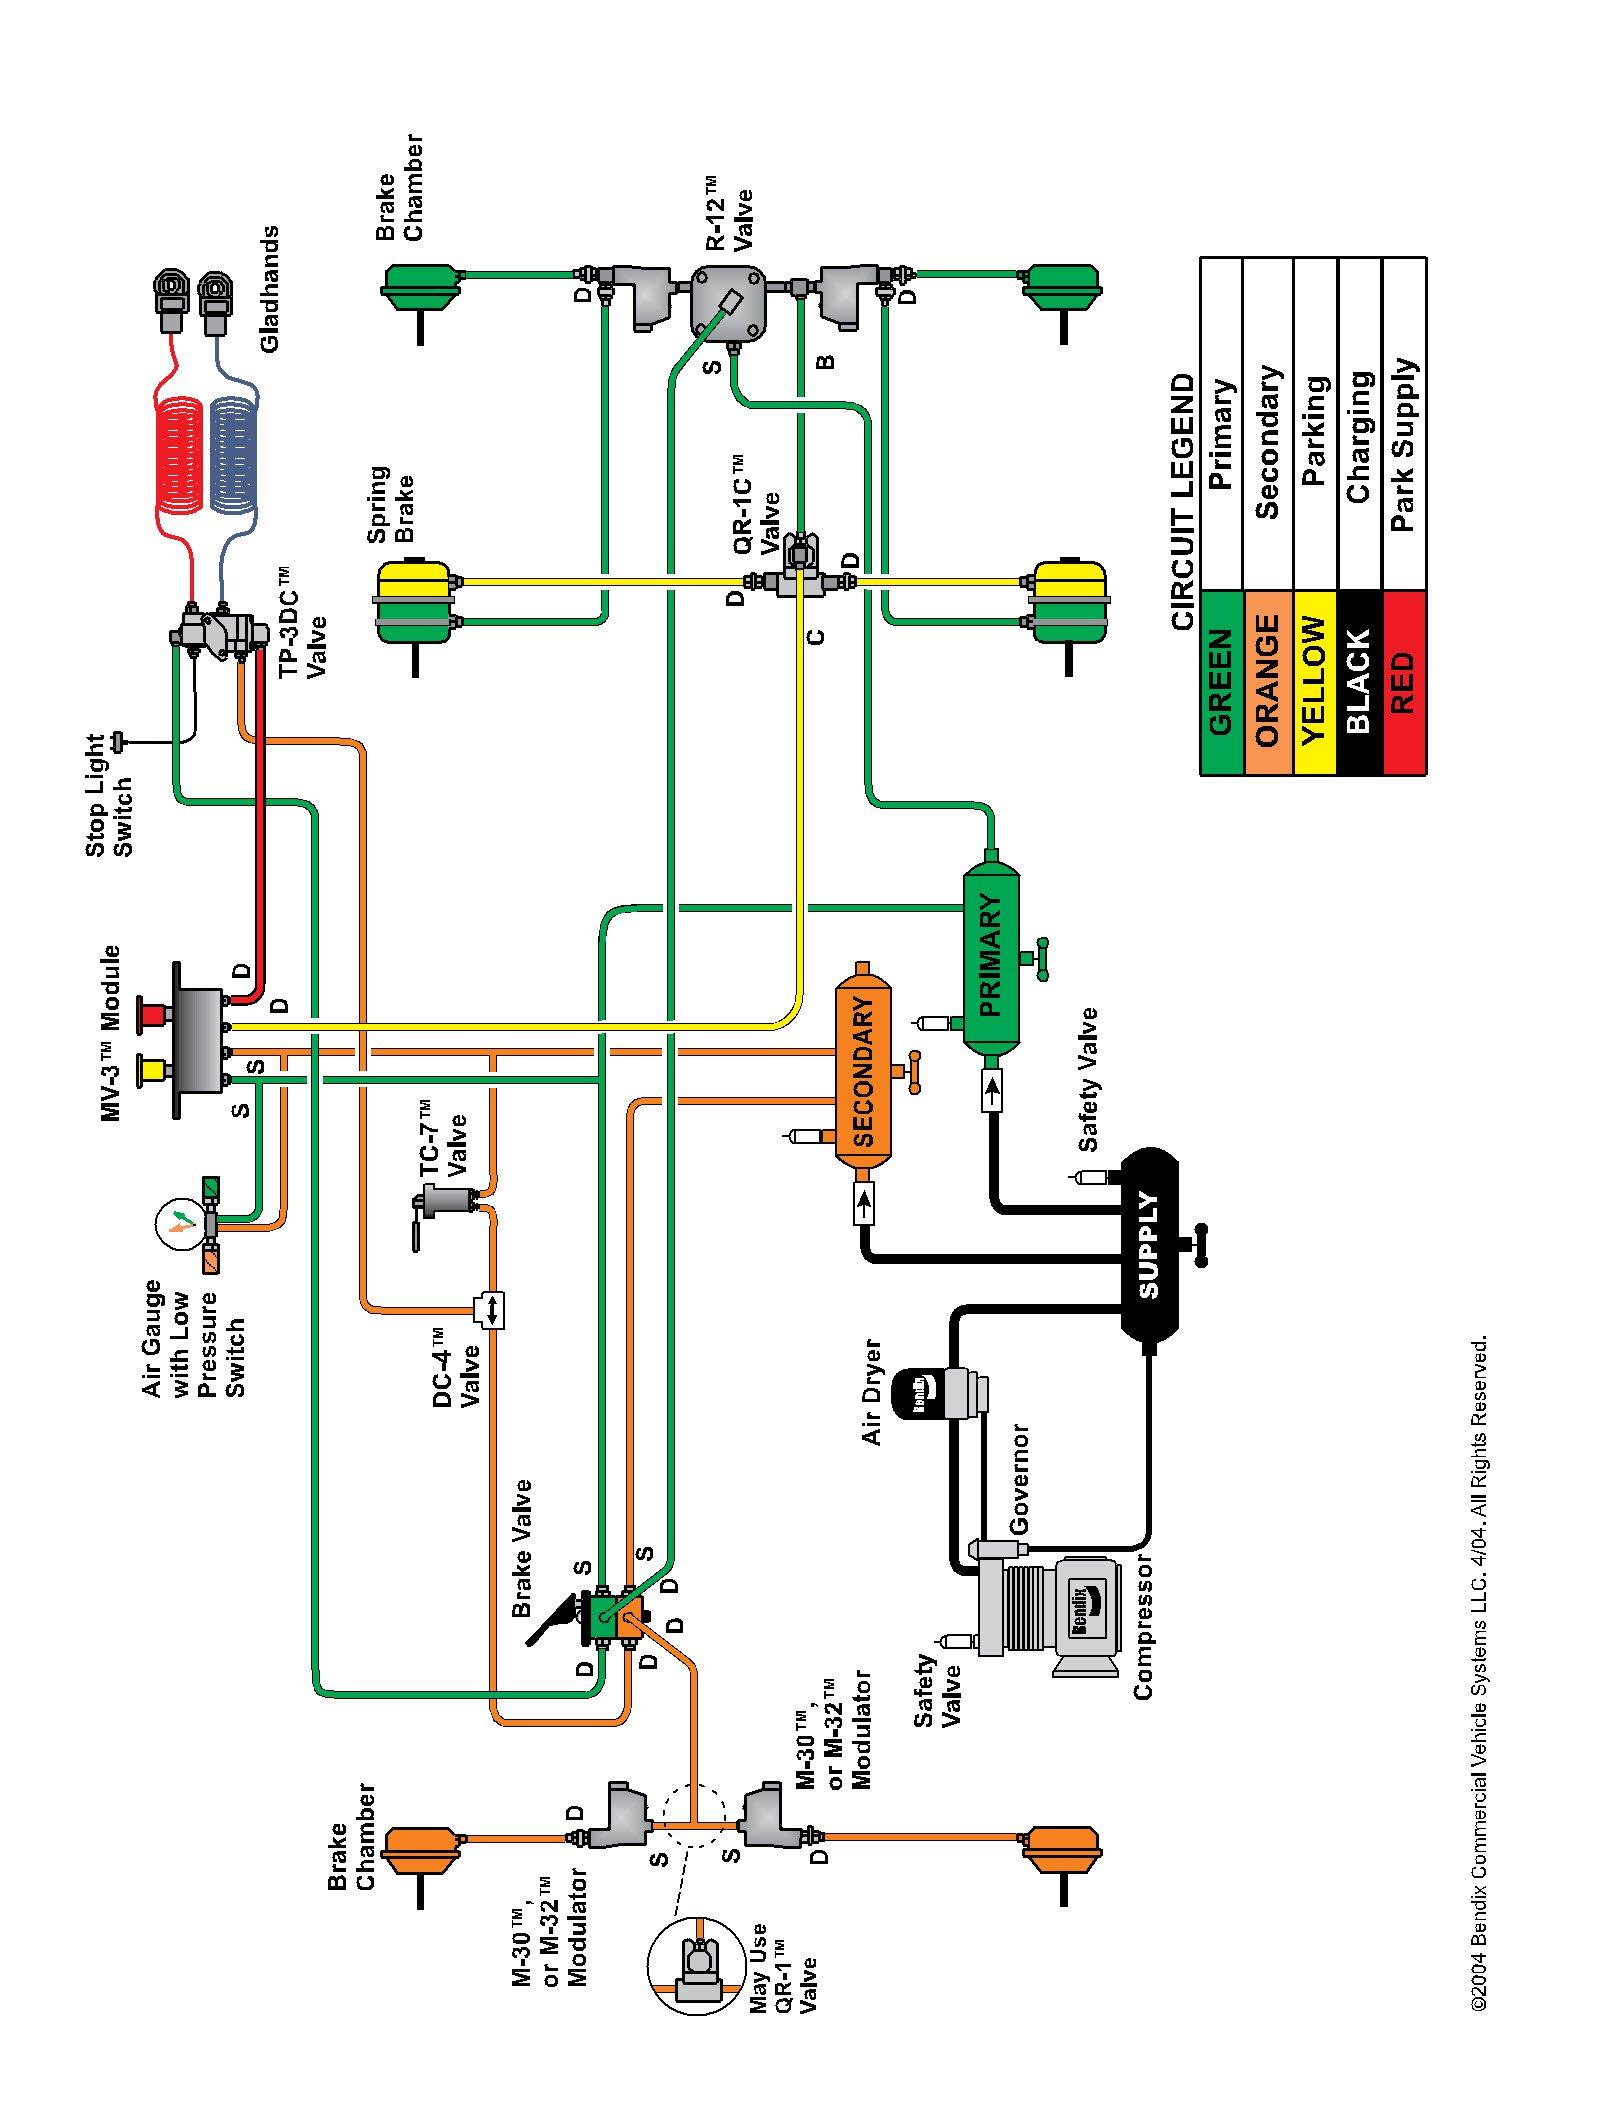 Air Brake Foot Valve Diagram Viewing A Thread Semi Air Brake Pedal Valve Problem